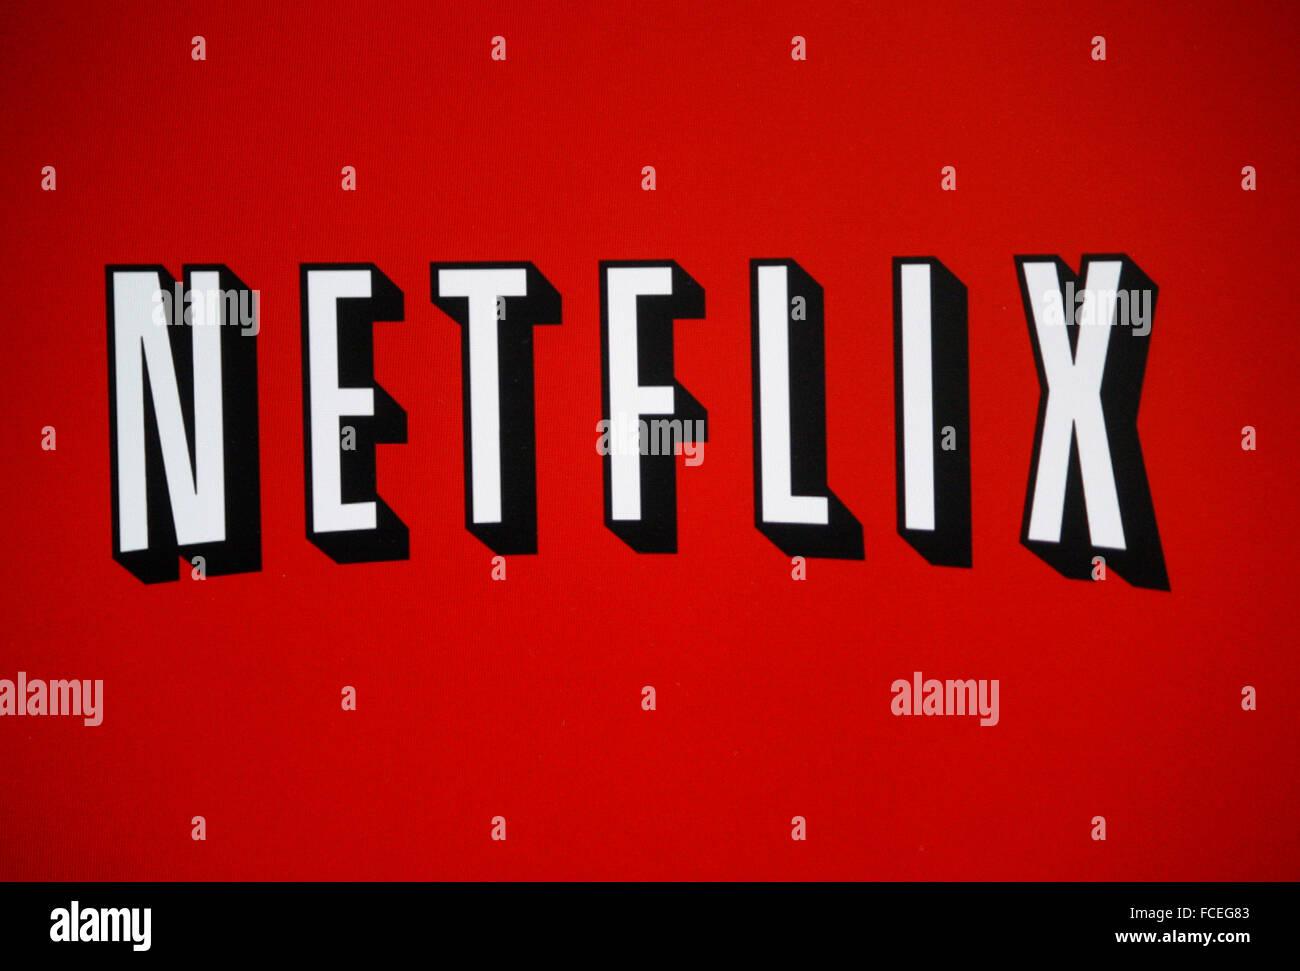 Markenname: 'Netflix', de Berlín. Imagen De Stock